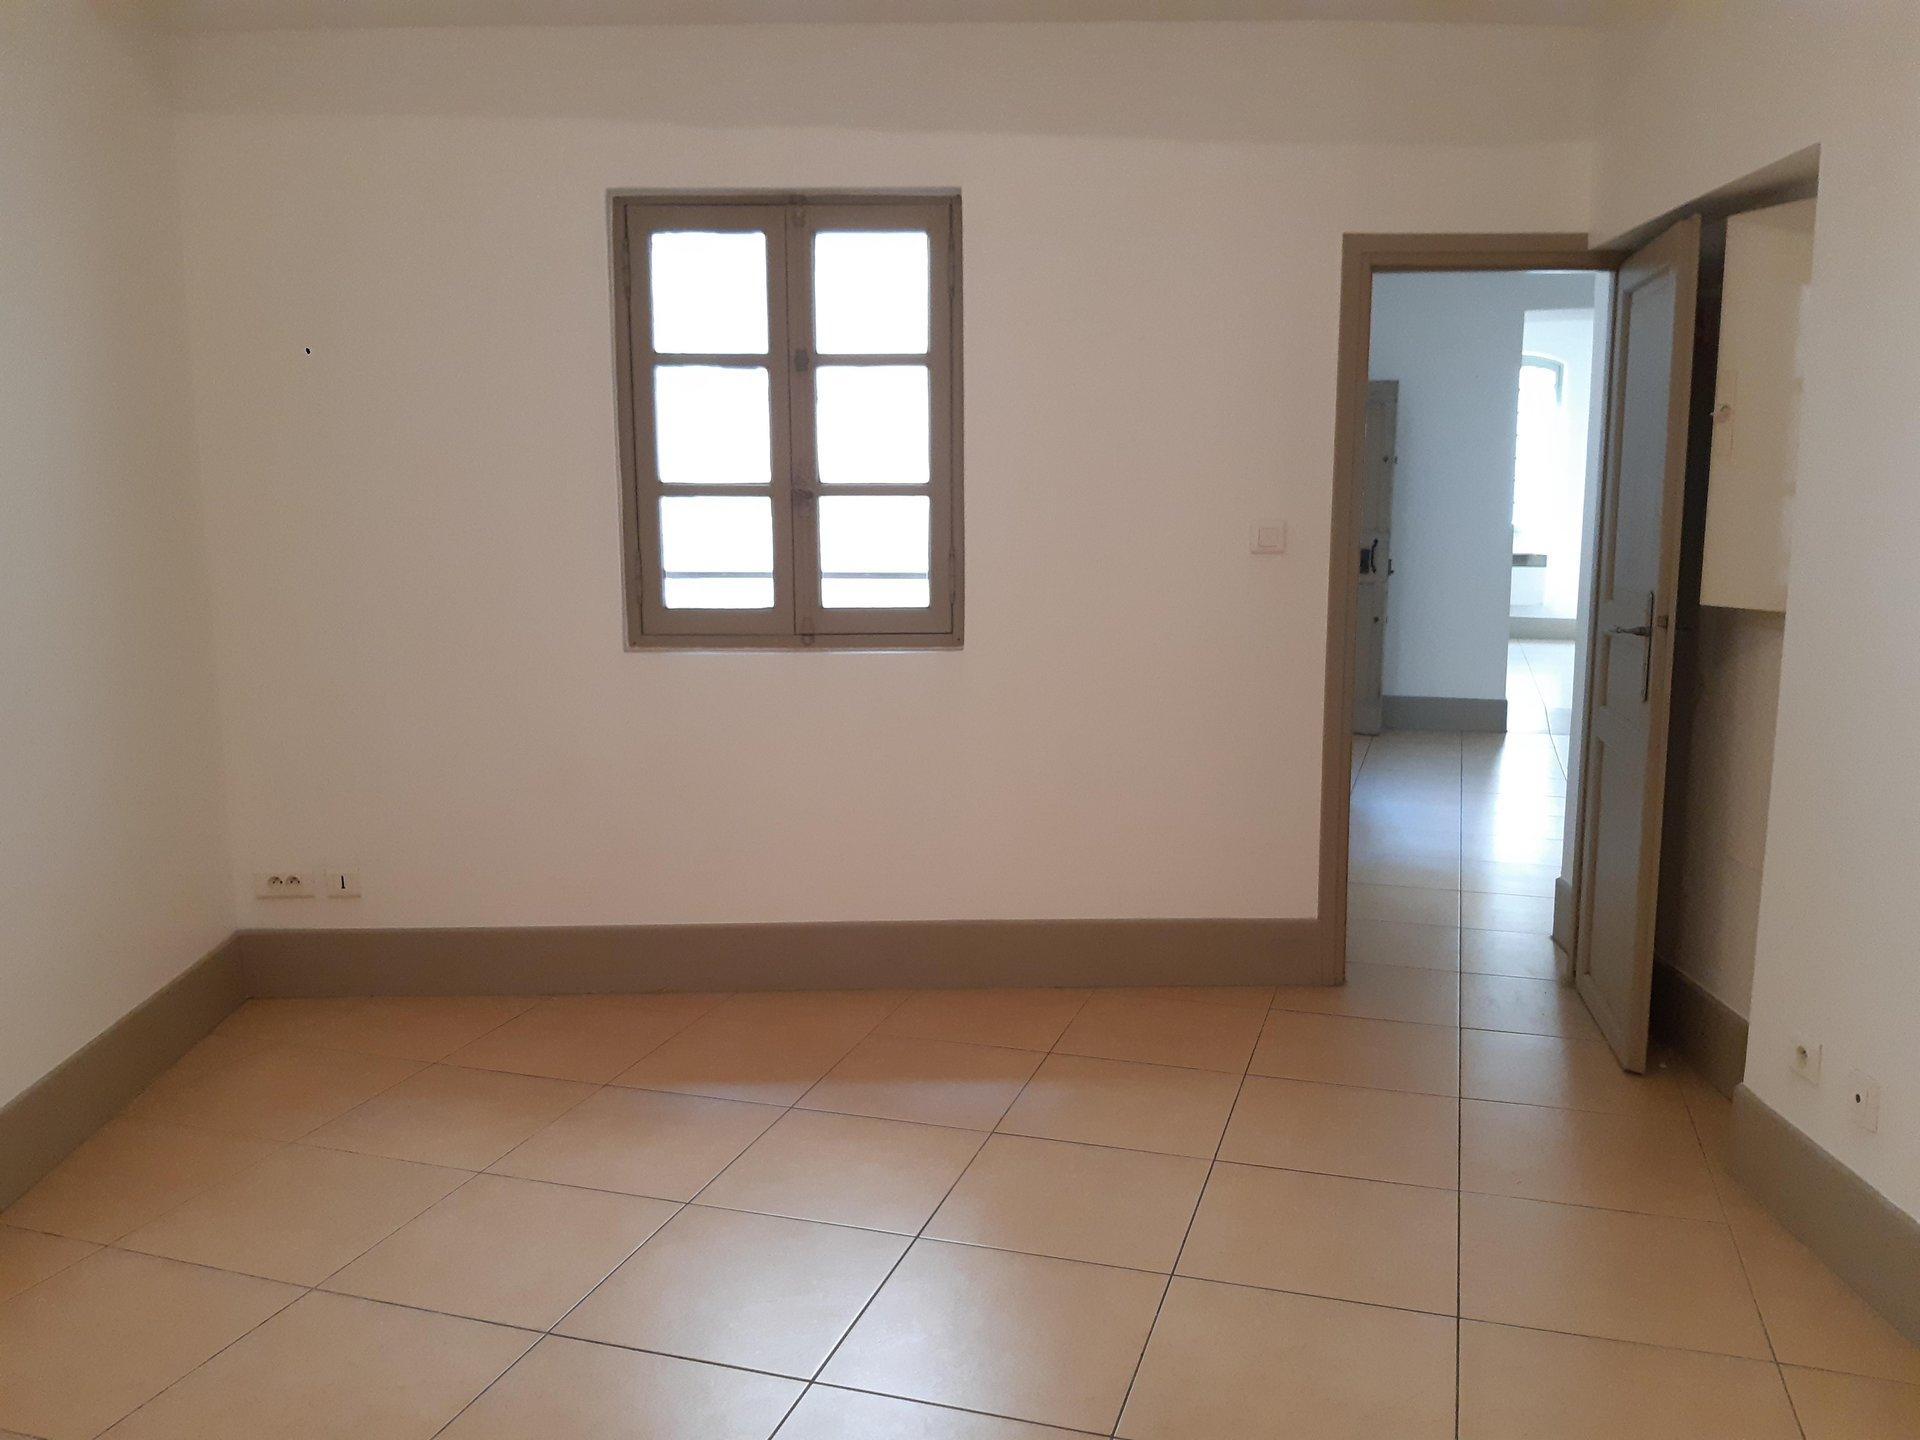 Location Appartement ARLES surface habitable de 81 m²